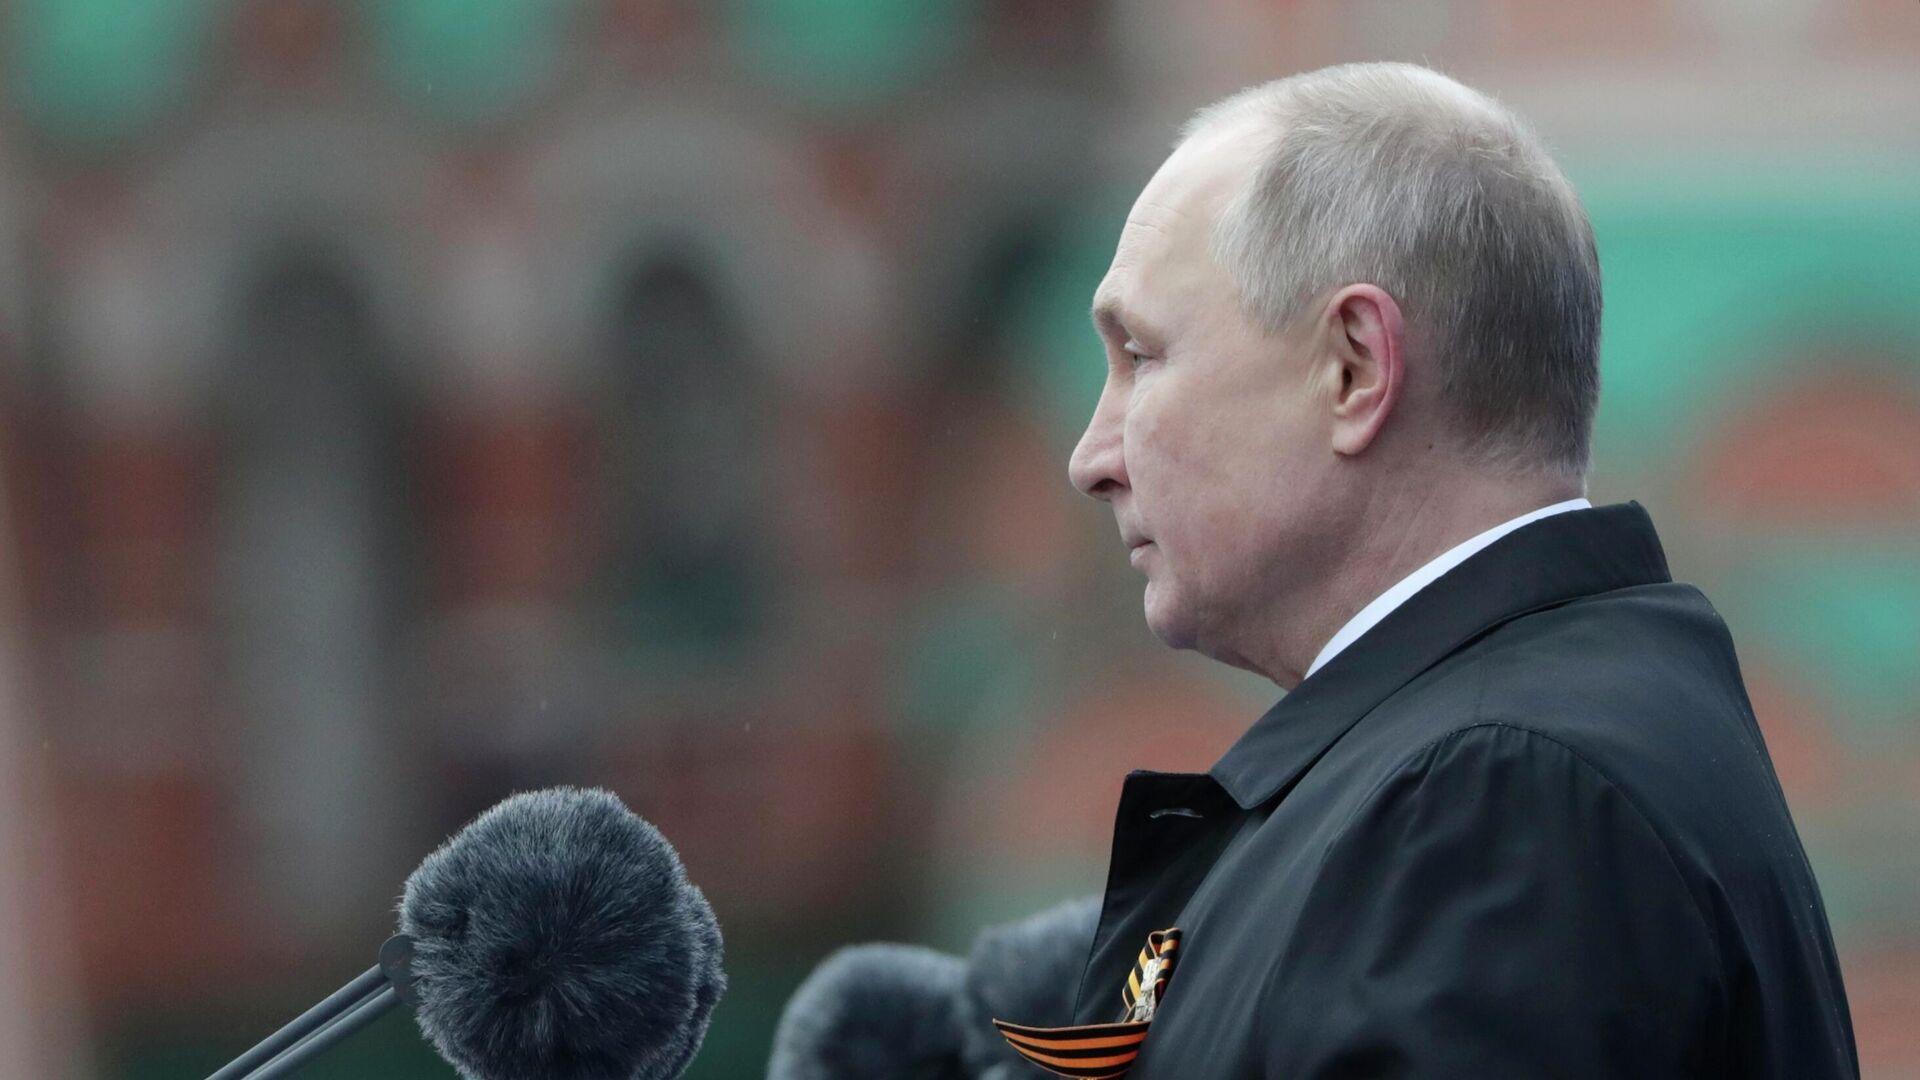 Президент РФ Владимир Путин выступает на военном параде в ознаменование 76-й годовщины Победы в Великой Отечественной войне на Красной площади в Москве - РИА Новости, 1920, 09.05.2021